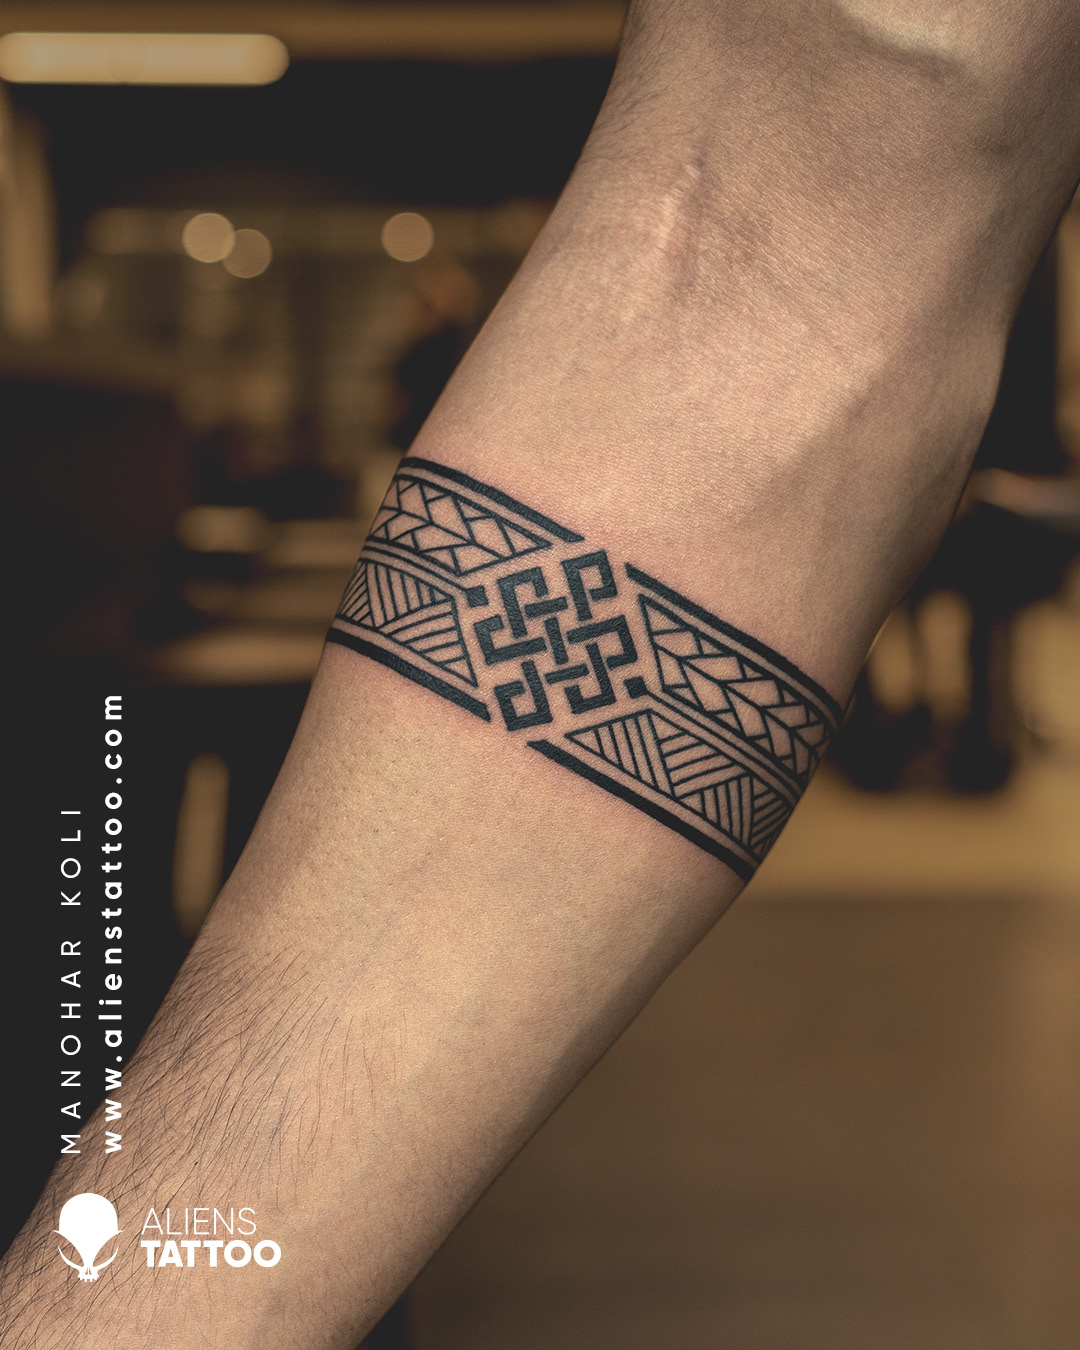 Arm Band Tattoo by Manohar Koli at Aliens Tattoo India   Behance